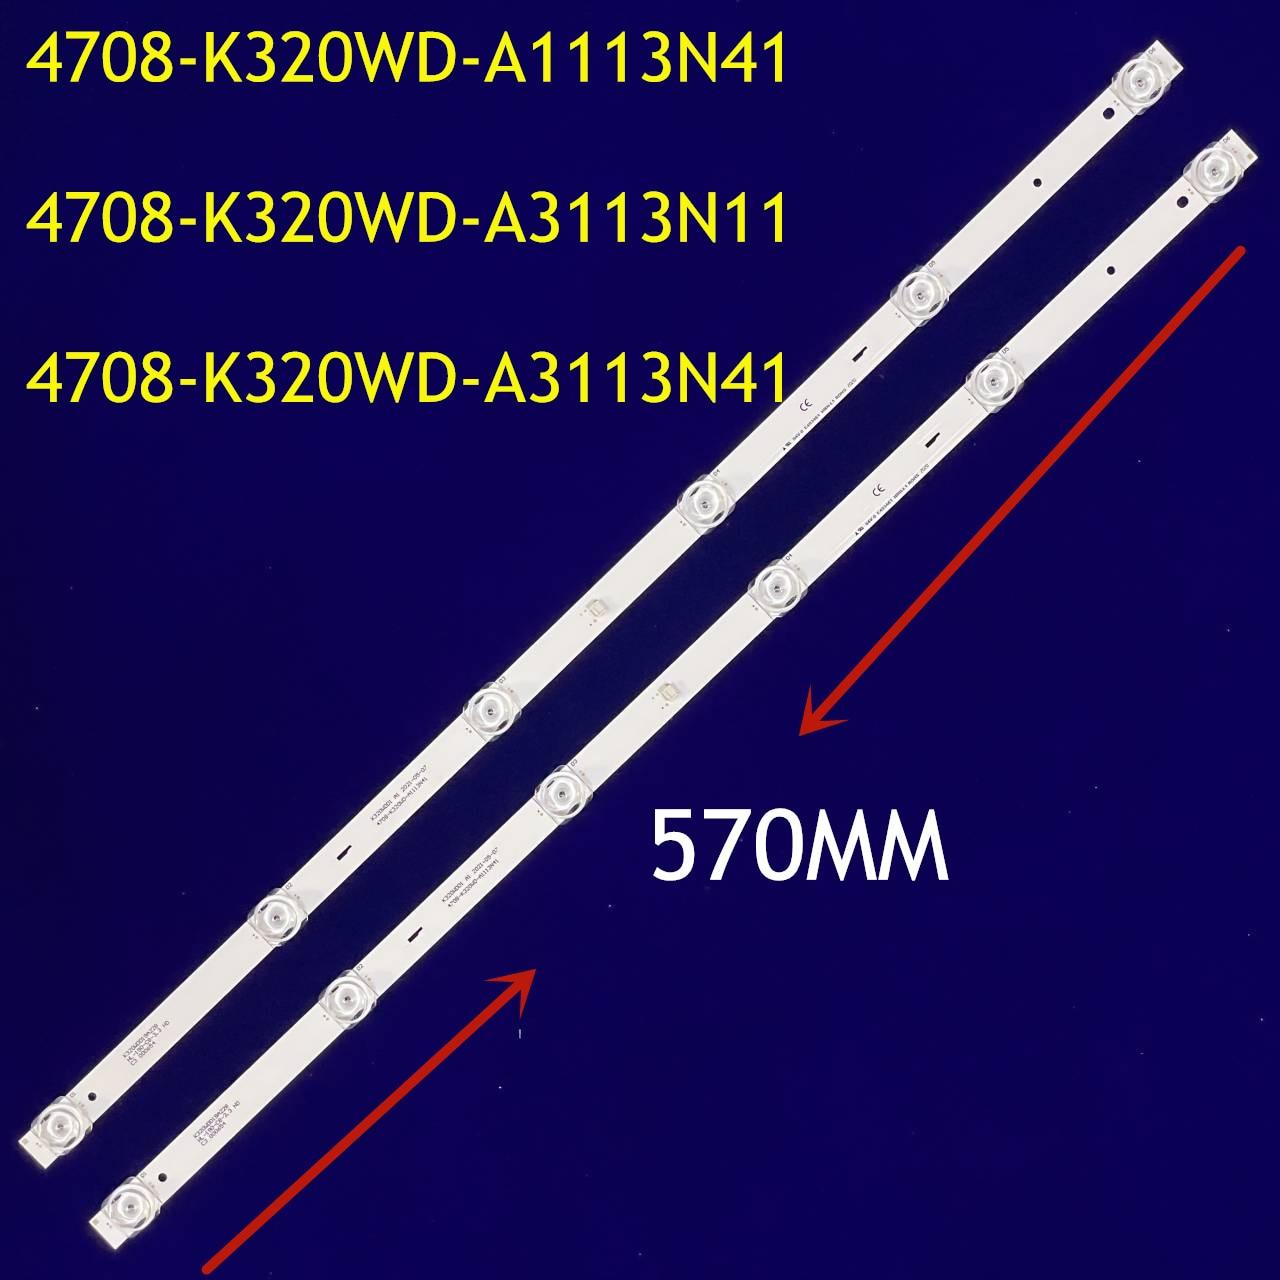 LED Backlight strip 6 lamp For 32M3080/60S 4708-K320WD-A3113N11 A3113N41 A1113N41 K320WDD1 A3 A1 358